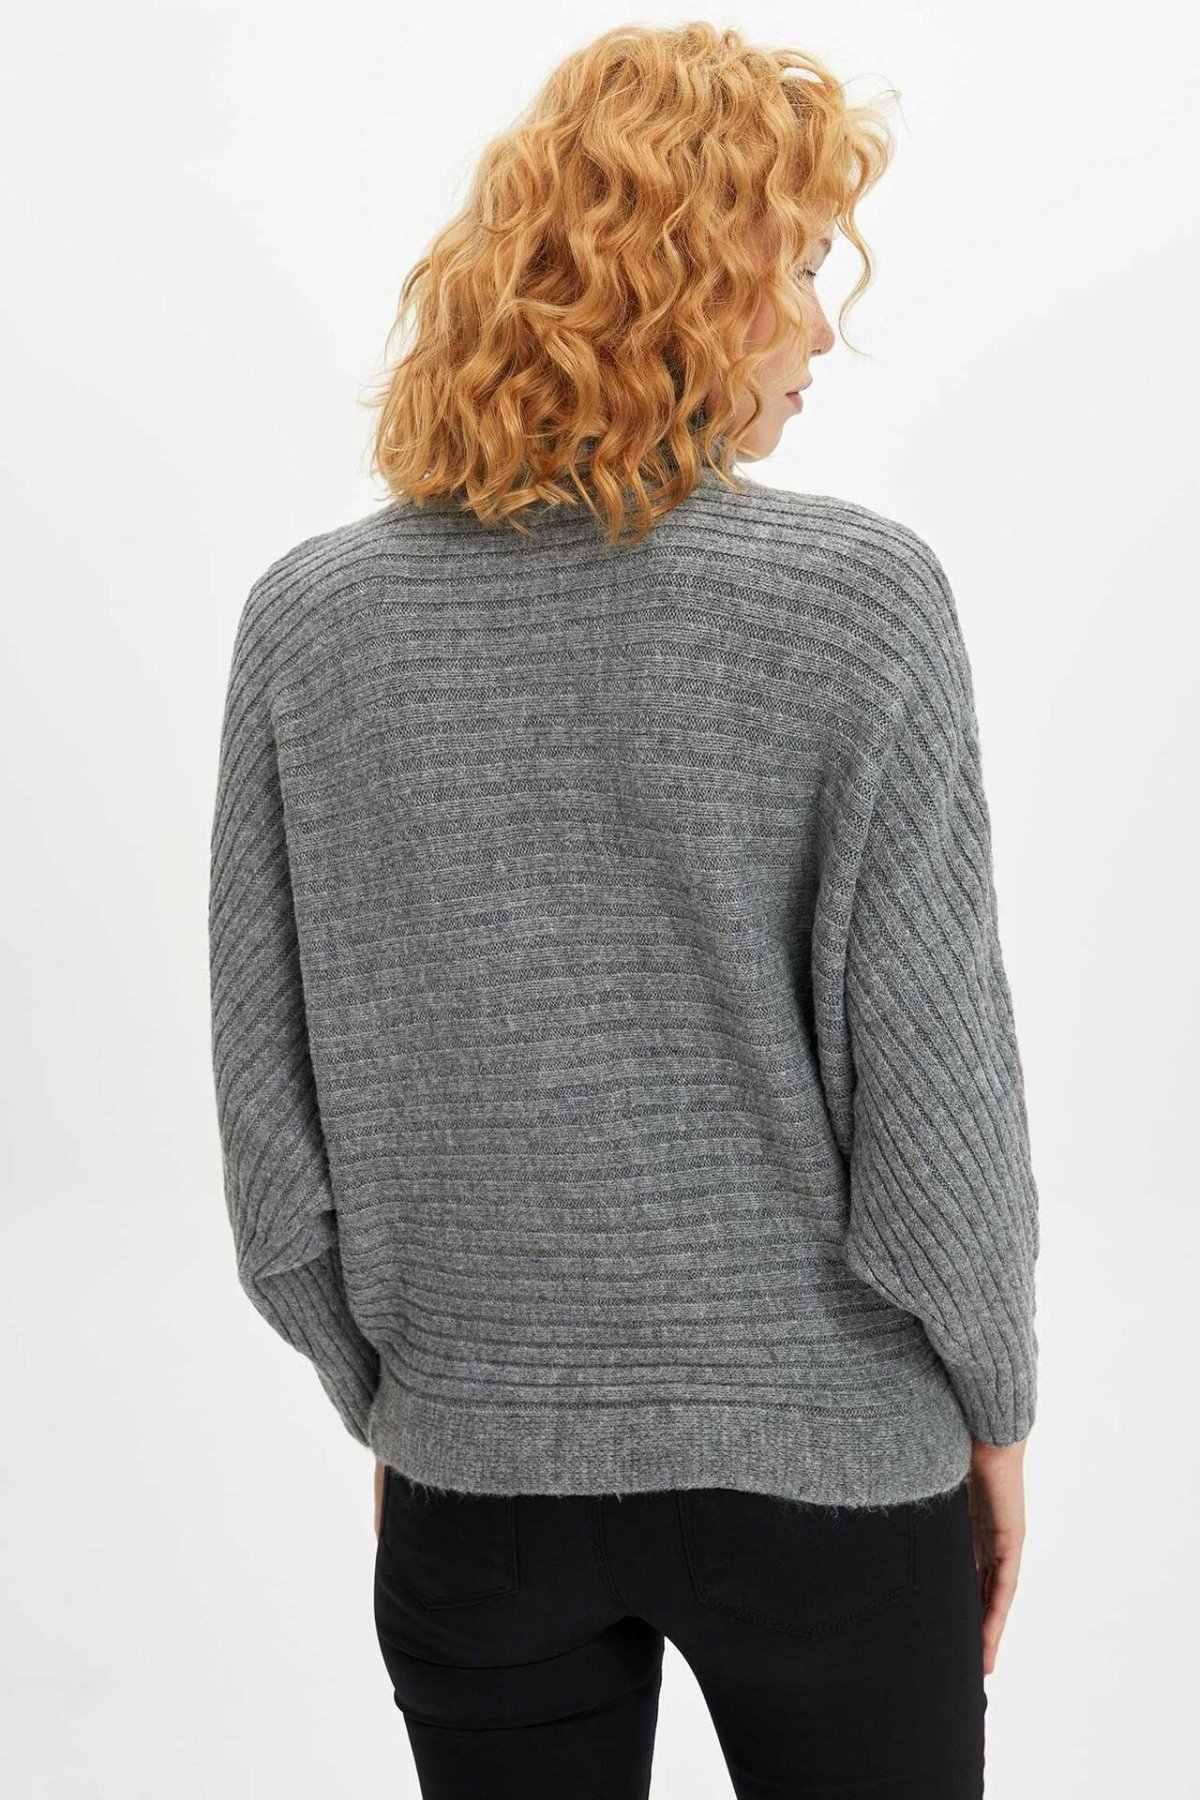 DeFacto Einfache Fashion Rollkragen Grau Gestrickt Kurze Pullover Damen Casual Lose Sweatshirt Weibliche Pullover-L0983AZ19WN